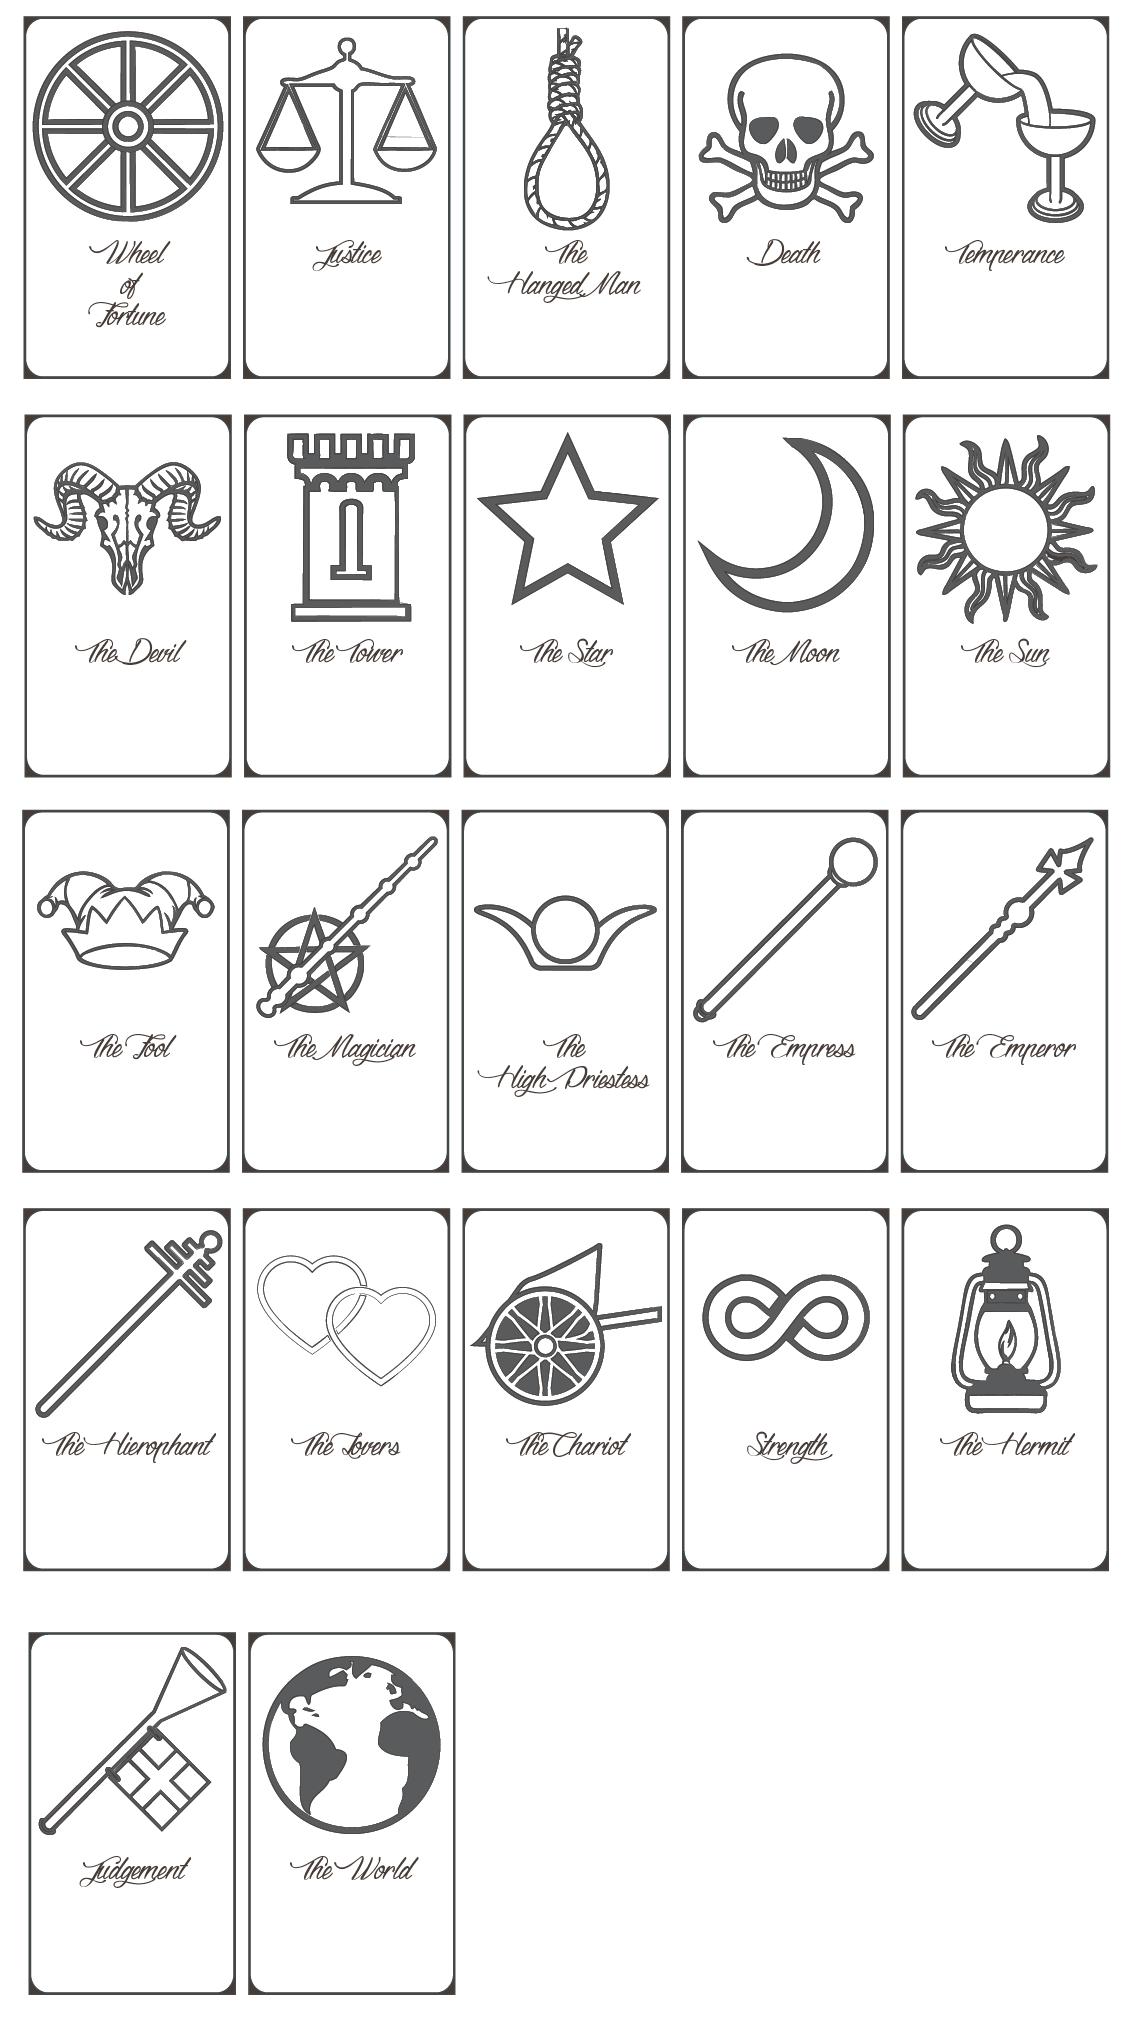 Free Printable Tarot Cards Pdf - Printable Cards - Free Printable Oracle Cards Pdf